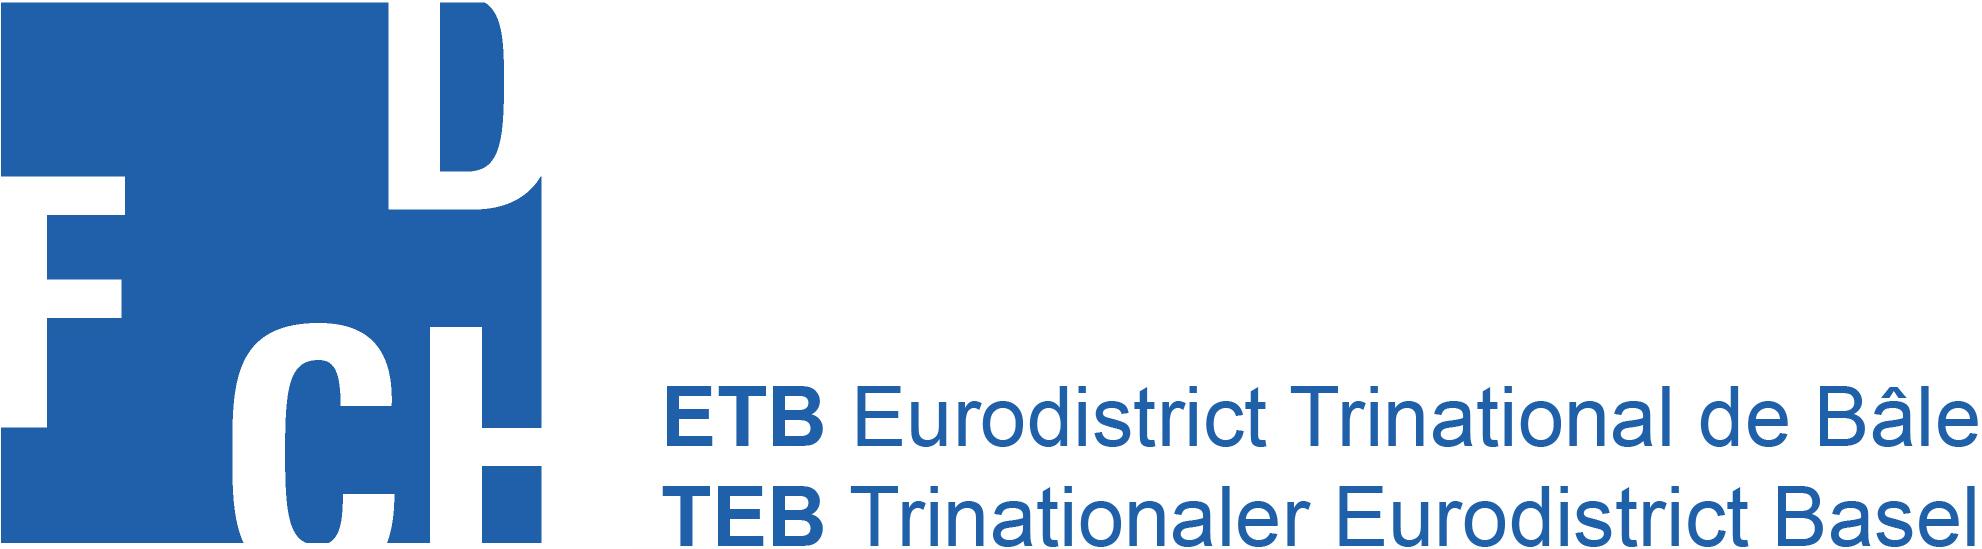 Eurodistrict trinational de Bâle